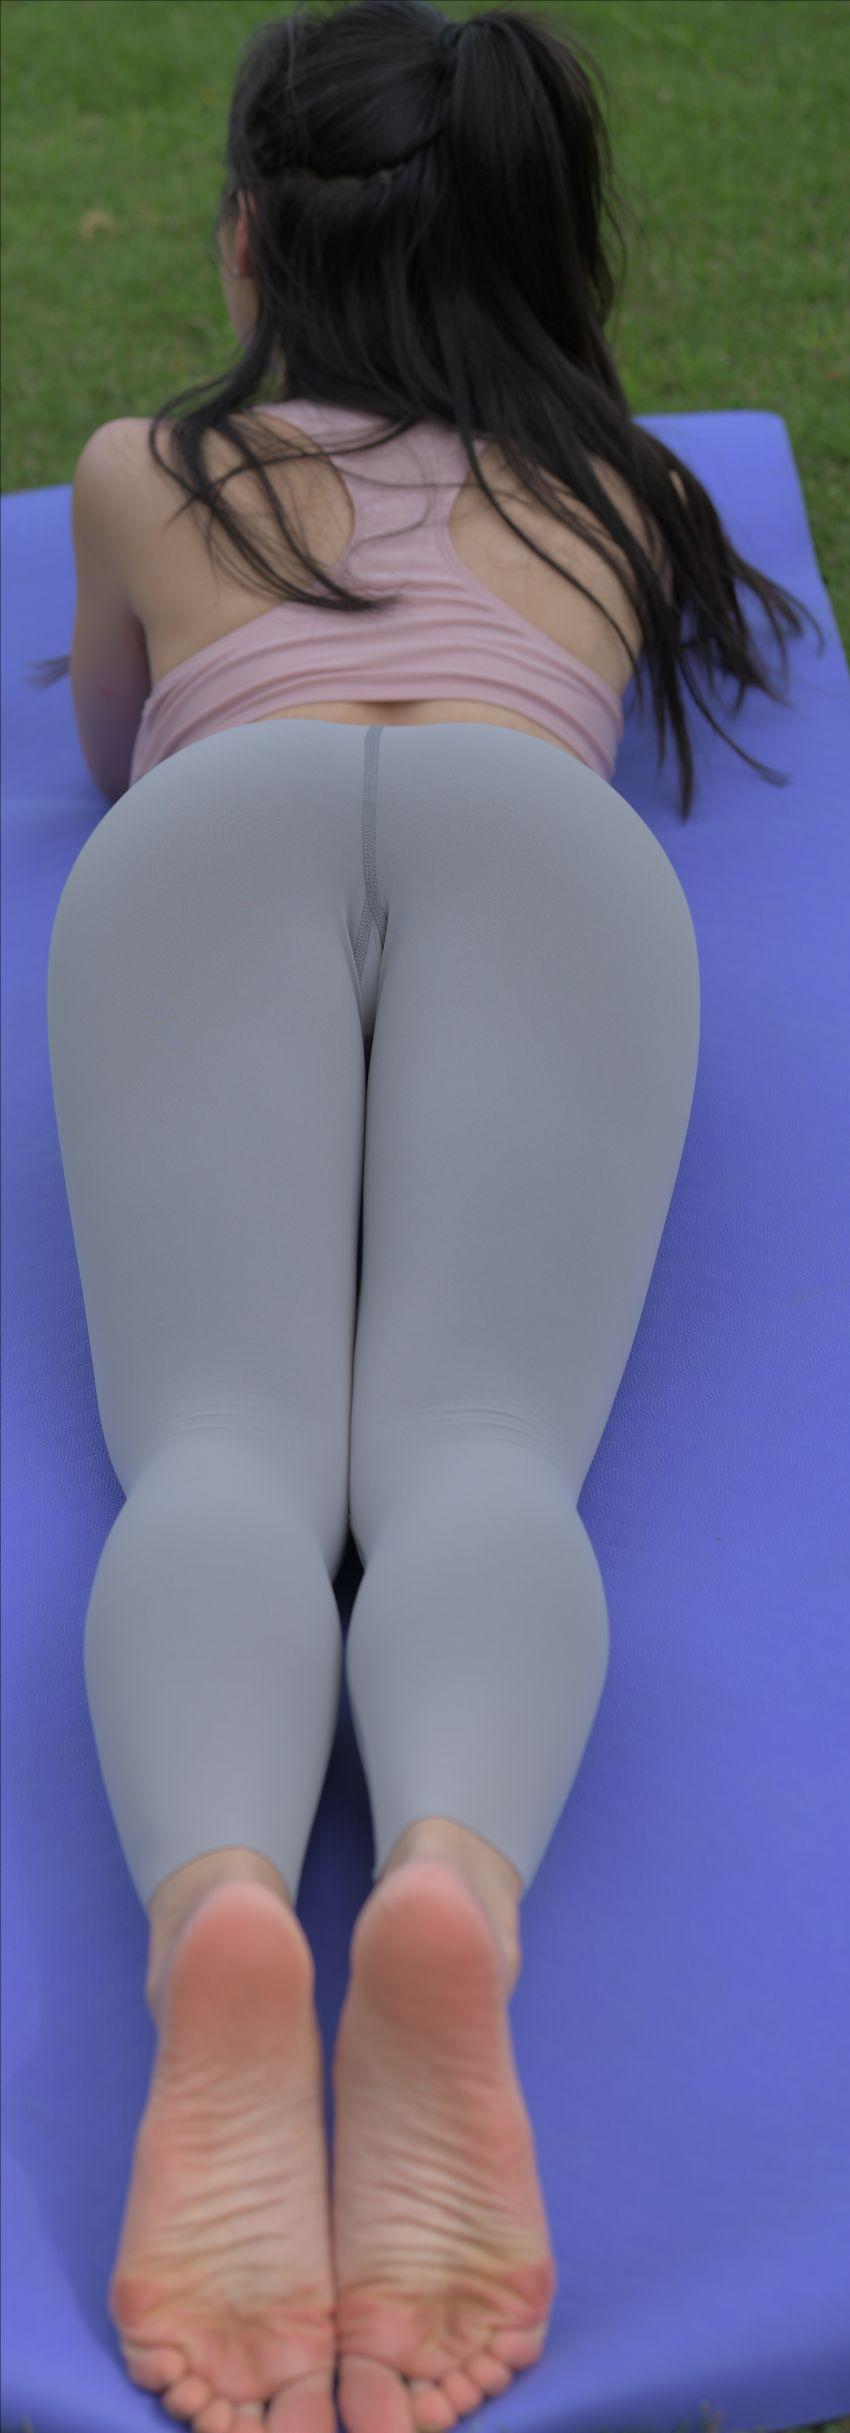 比基尼瑜伽裤紧身裤